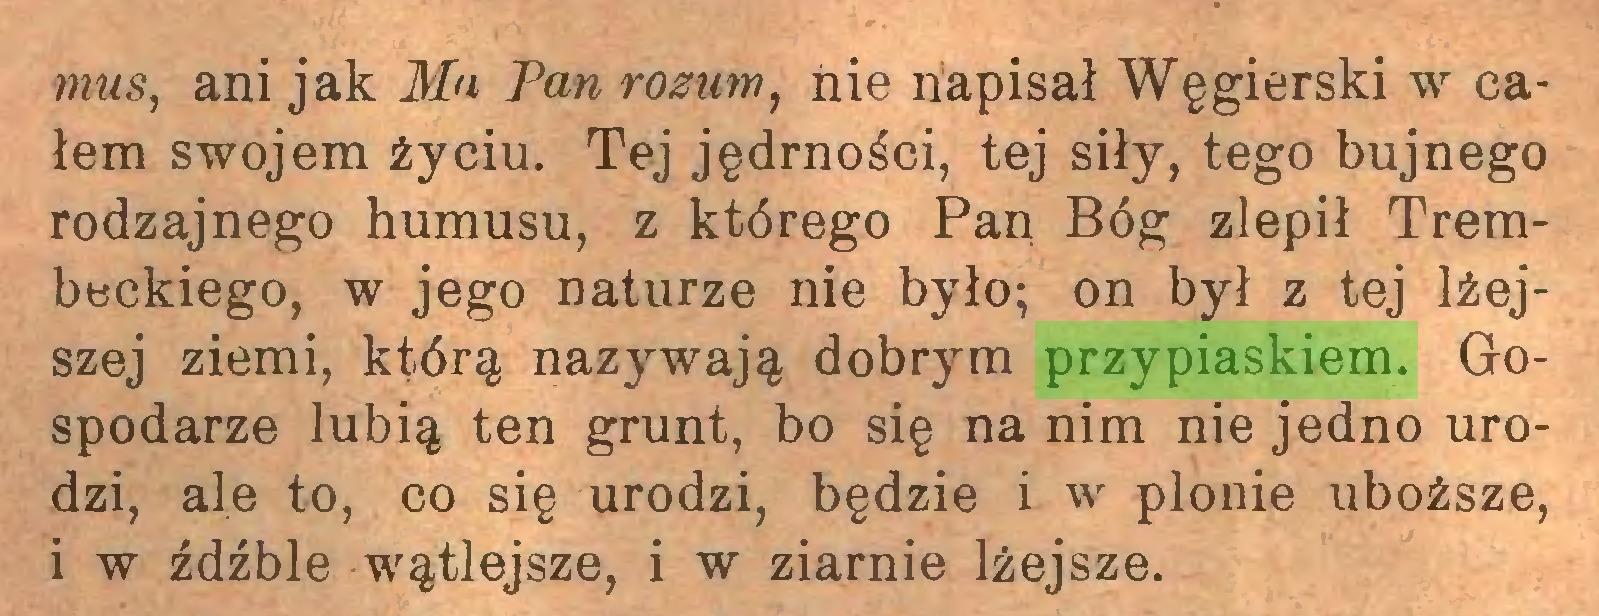 (...) mus, ani jak Mn Pan rozum, nie napisał Węgierski w całem swojem życiu. Tej jędrności, tej siły, tego bujnego rodzajnego humusu, z którego Pan Bóg zlepił Trembeckiego, w jego naturze nie było; on był z tej lżejszej ziemi, którą nazywają dobrym przypiaskiem. Gospodarze lubią ten grunt, bo się na nim nie jedno urodzi, ale to, co się urodzi, będzie i w plonie uboższe, i w źdźble wątlejsze, i w ziarnie lżejsze...